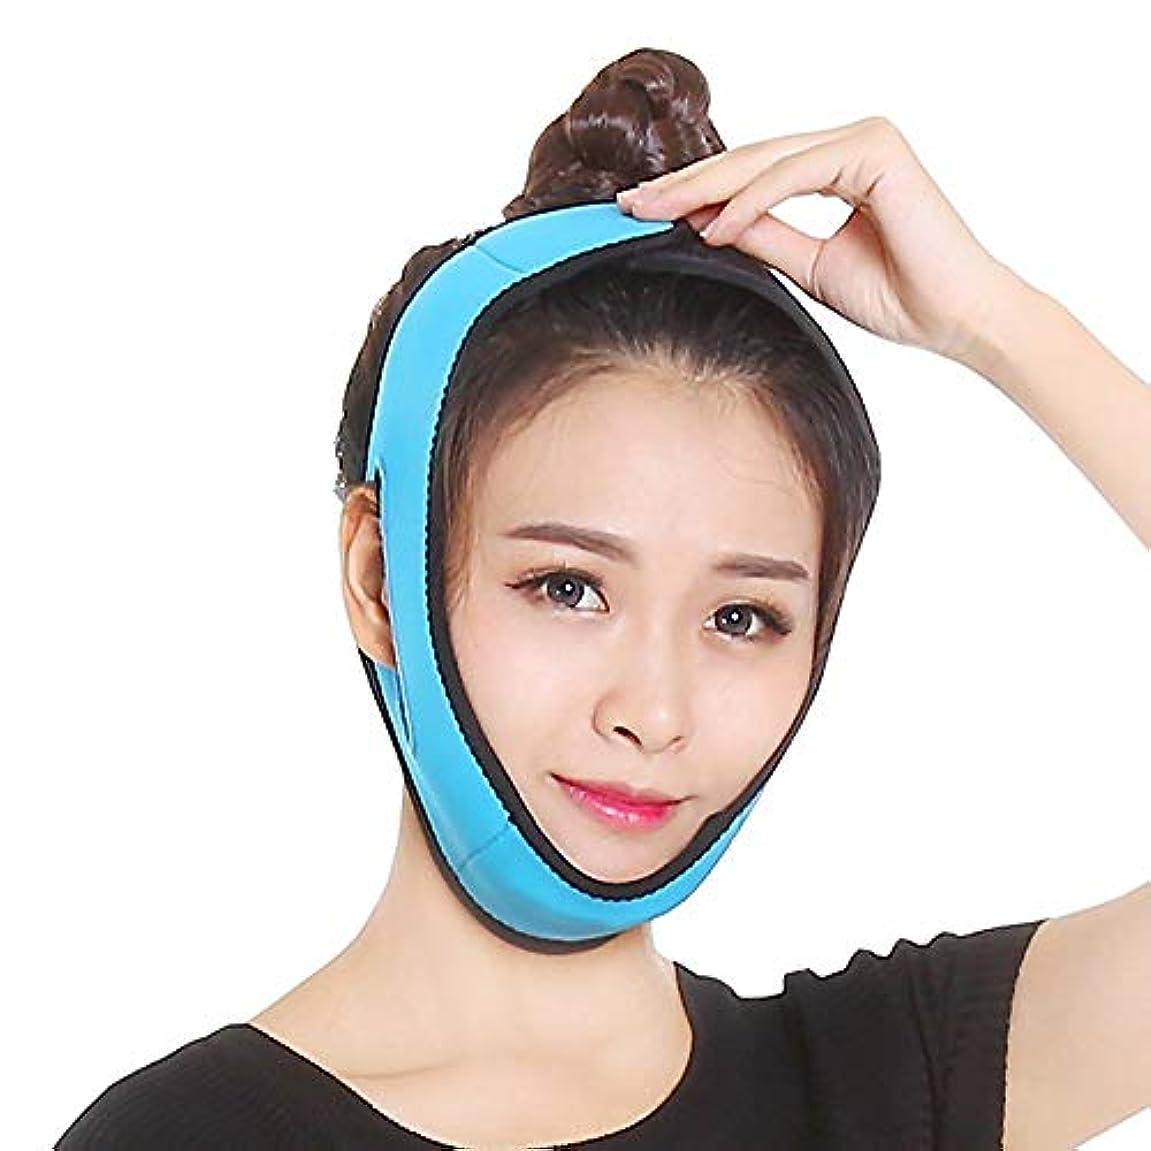 改修バターゲストXINGZHE フェイシャルリフティングスリミングベルト - 薄いフェイス包帯二重あごデバイス無料フェイシャルマッサージ整形マスクを引き締める顔と首の顔スリム フェイスリフティングベルト